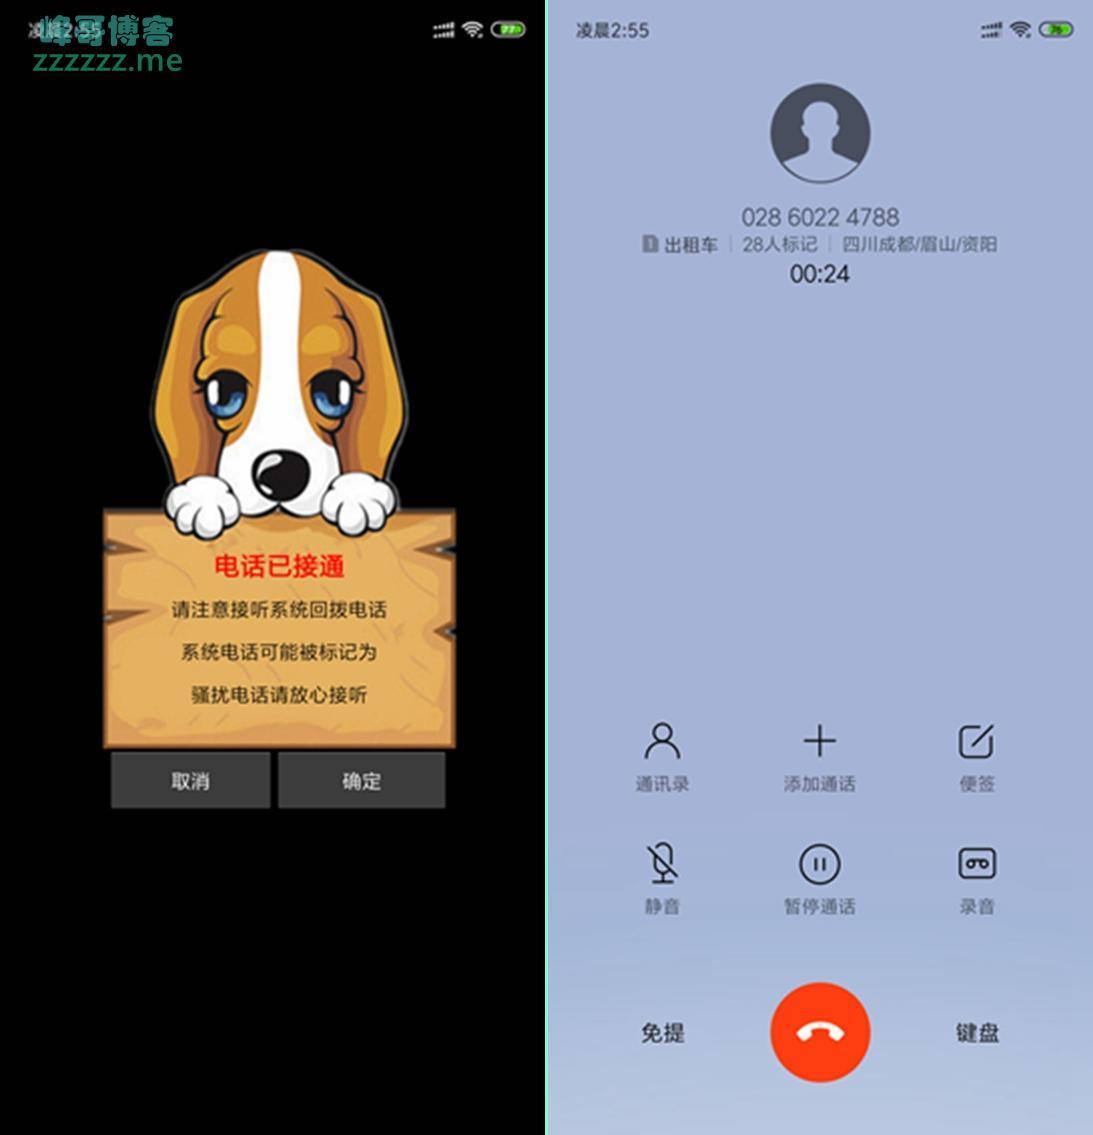 分享一个安卓免费打电话的APP 随心聊网络电话V1.2